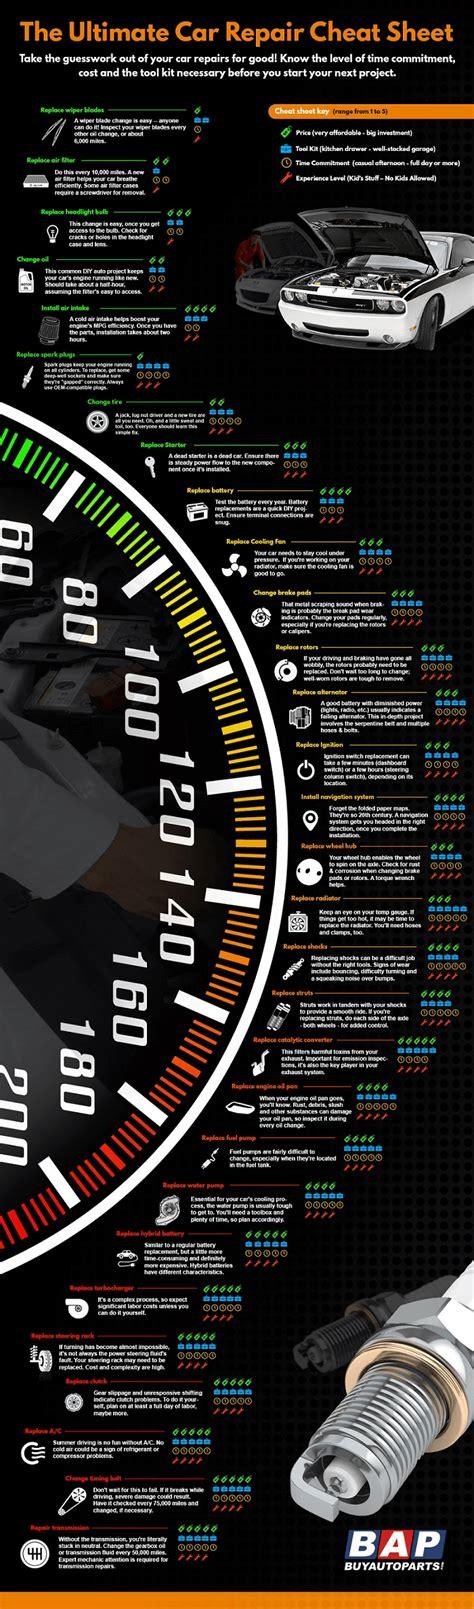 infographic  ultimate car repair cheat sheet